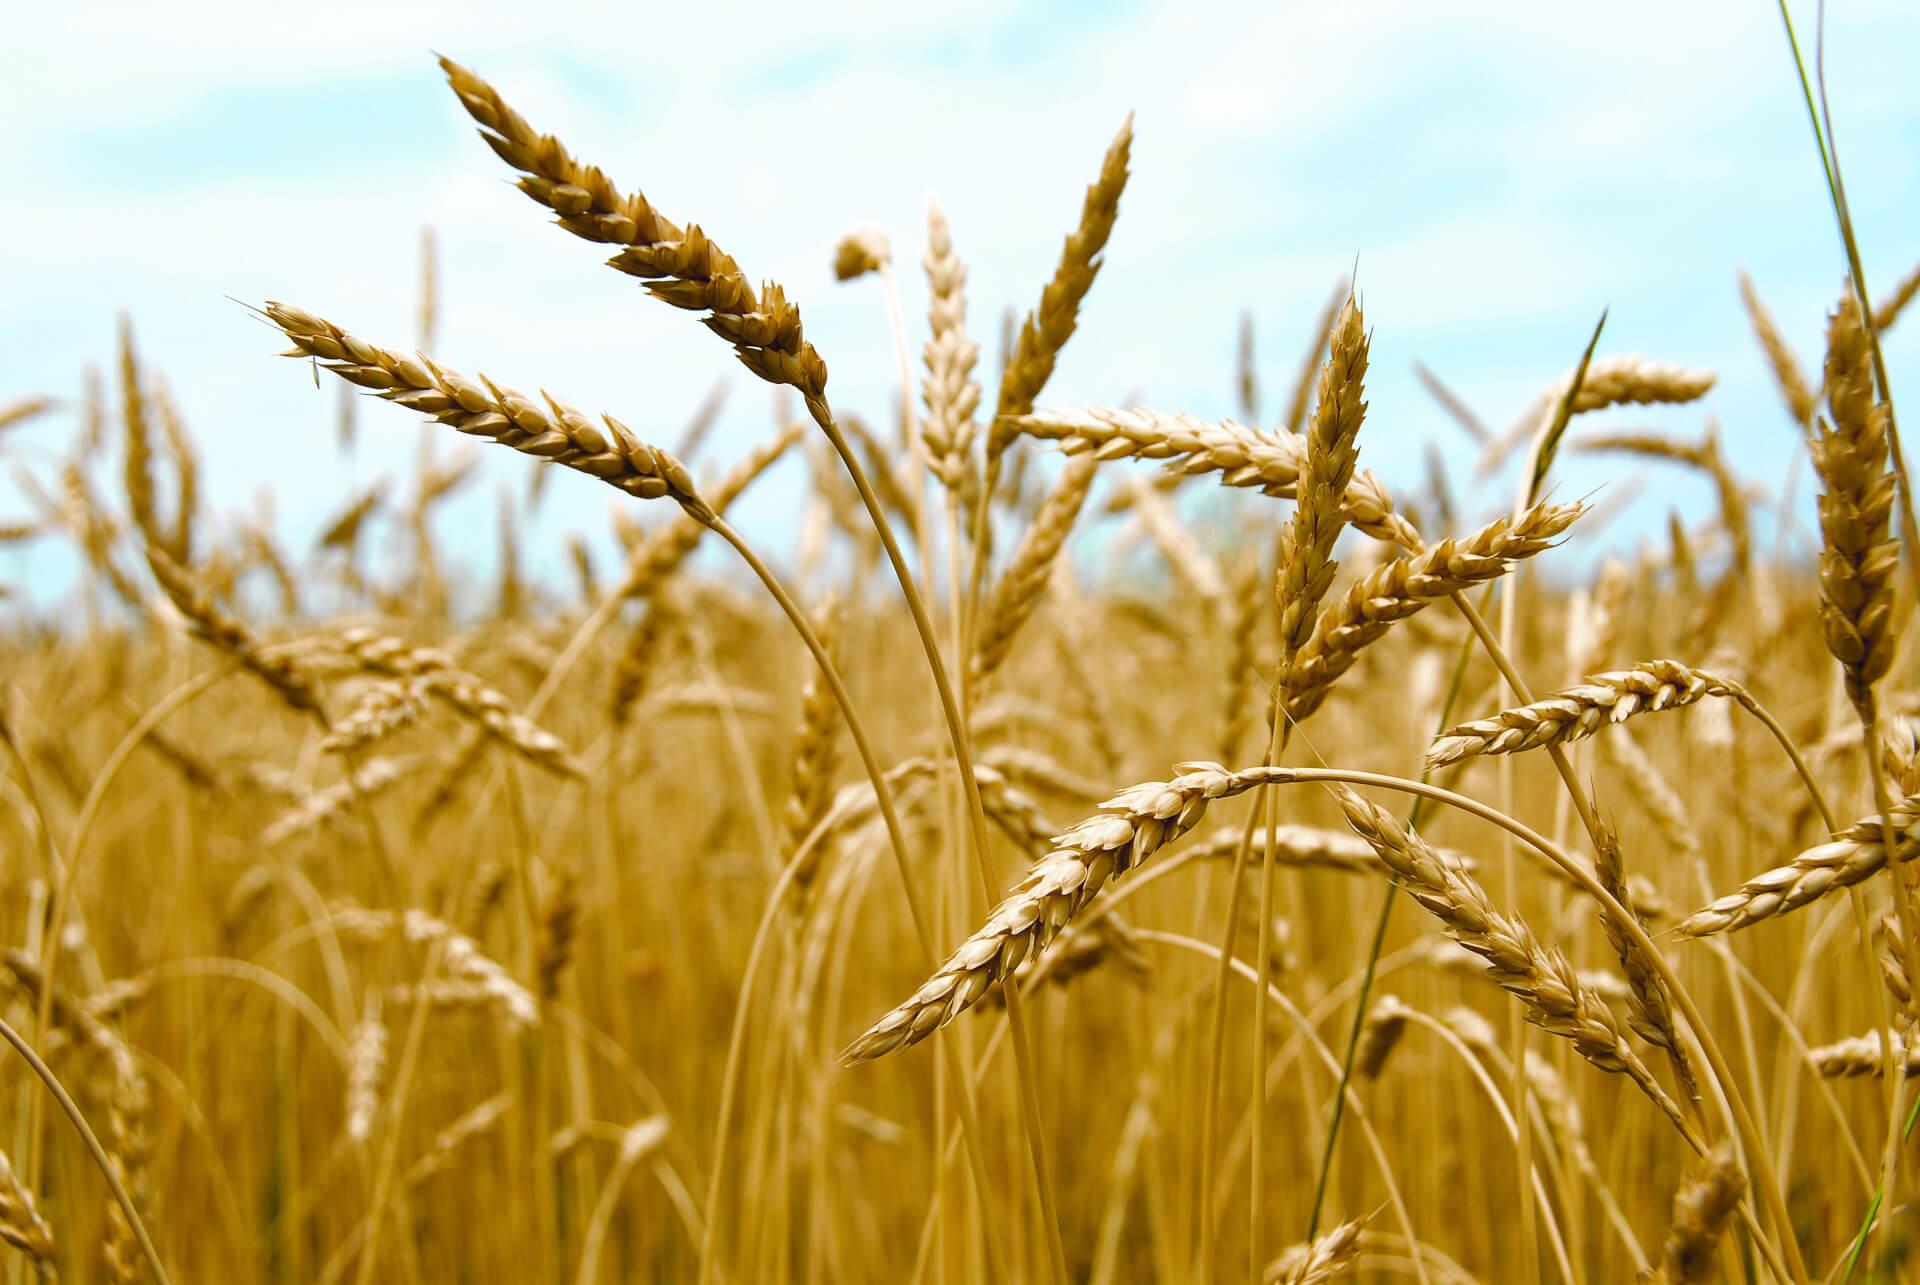 В 2017 году увеличился импорт семян ячменя в Украину для посева